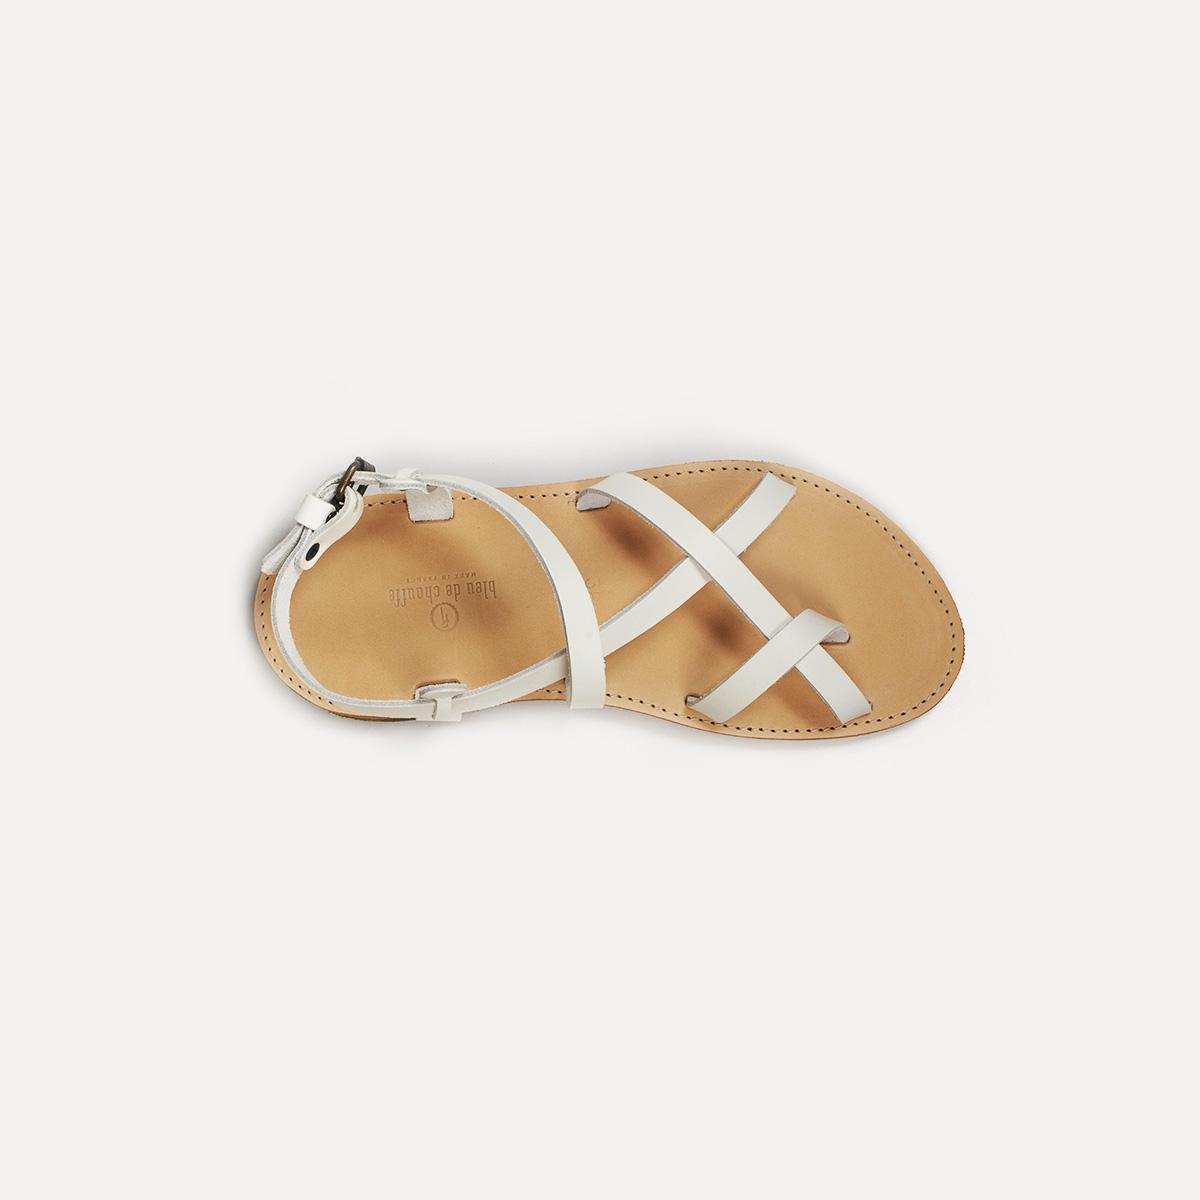 Sandales cuir Nara - Blanc (image n°4)